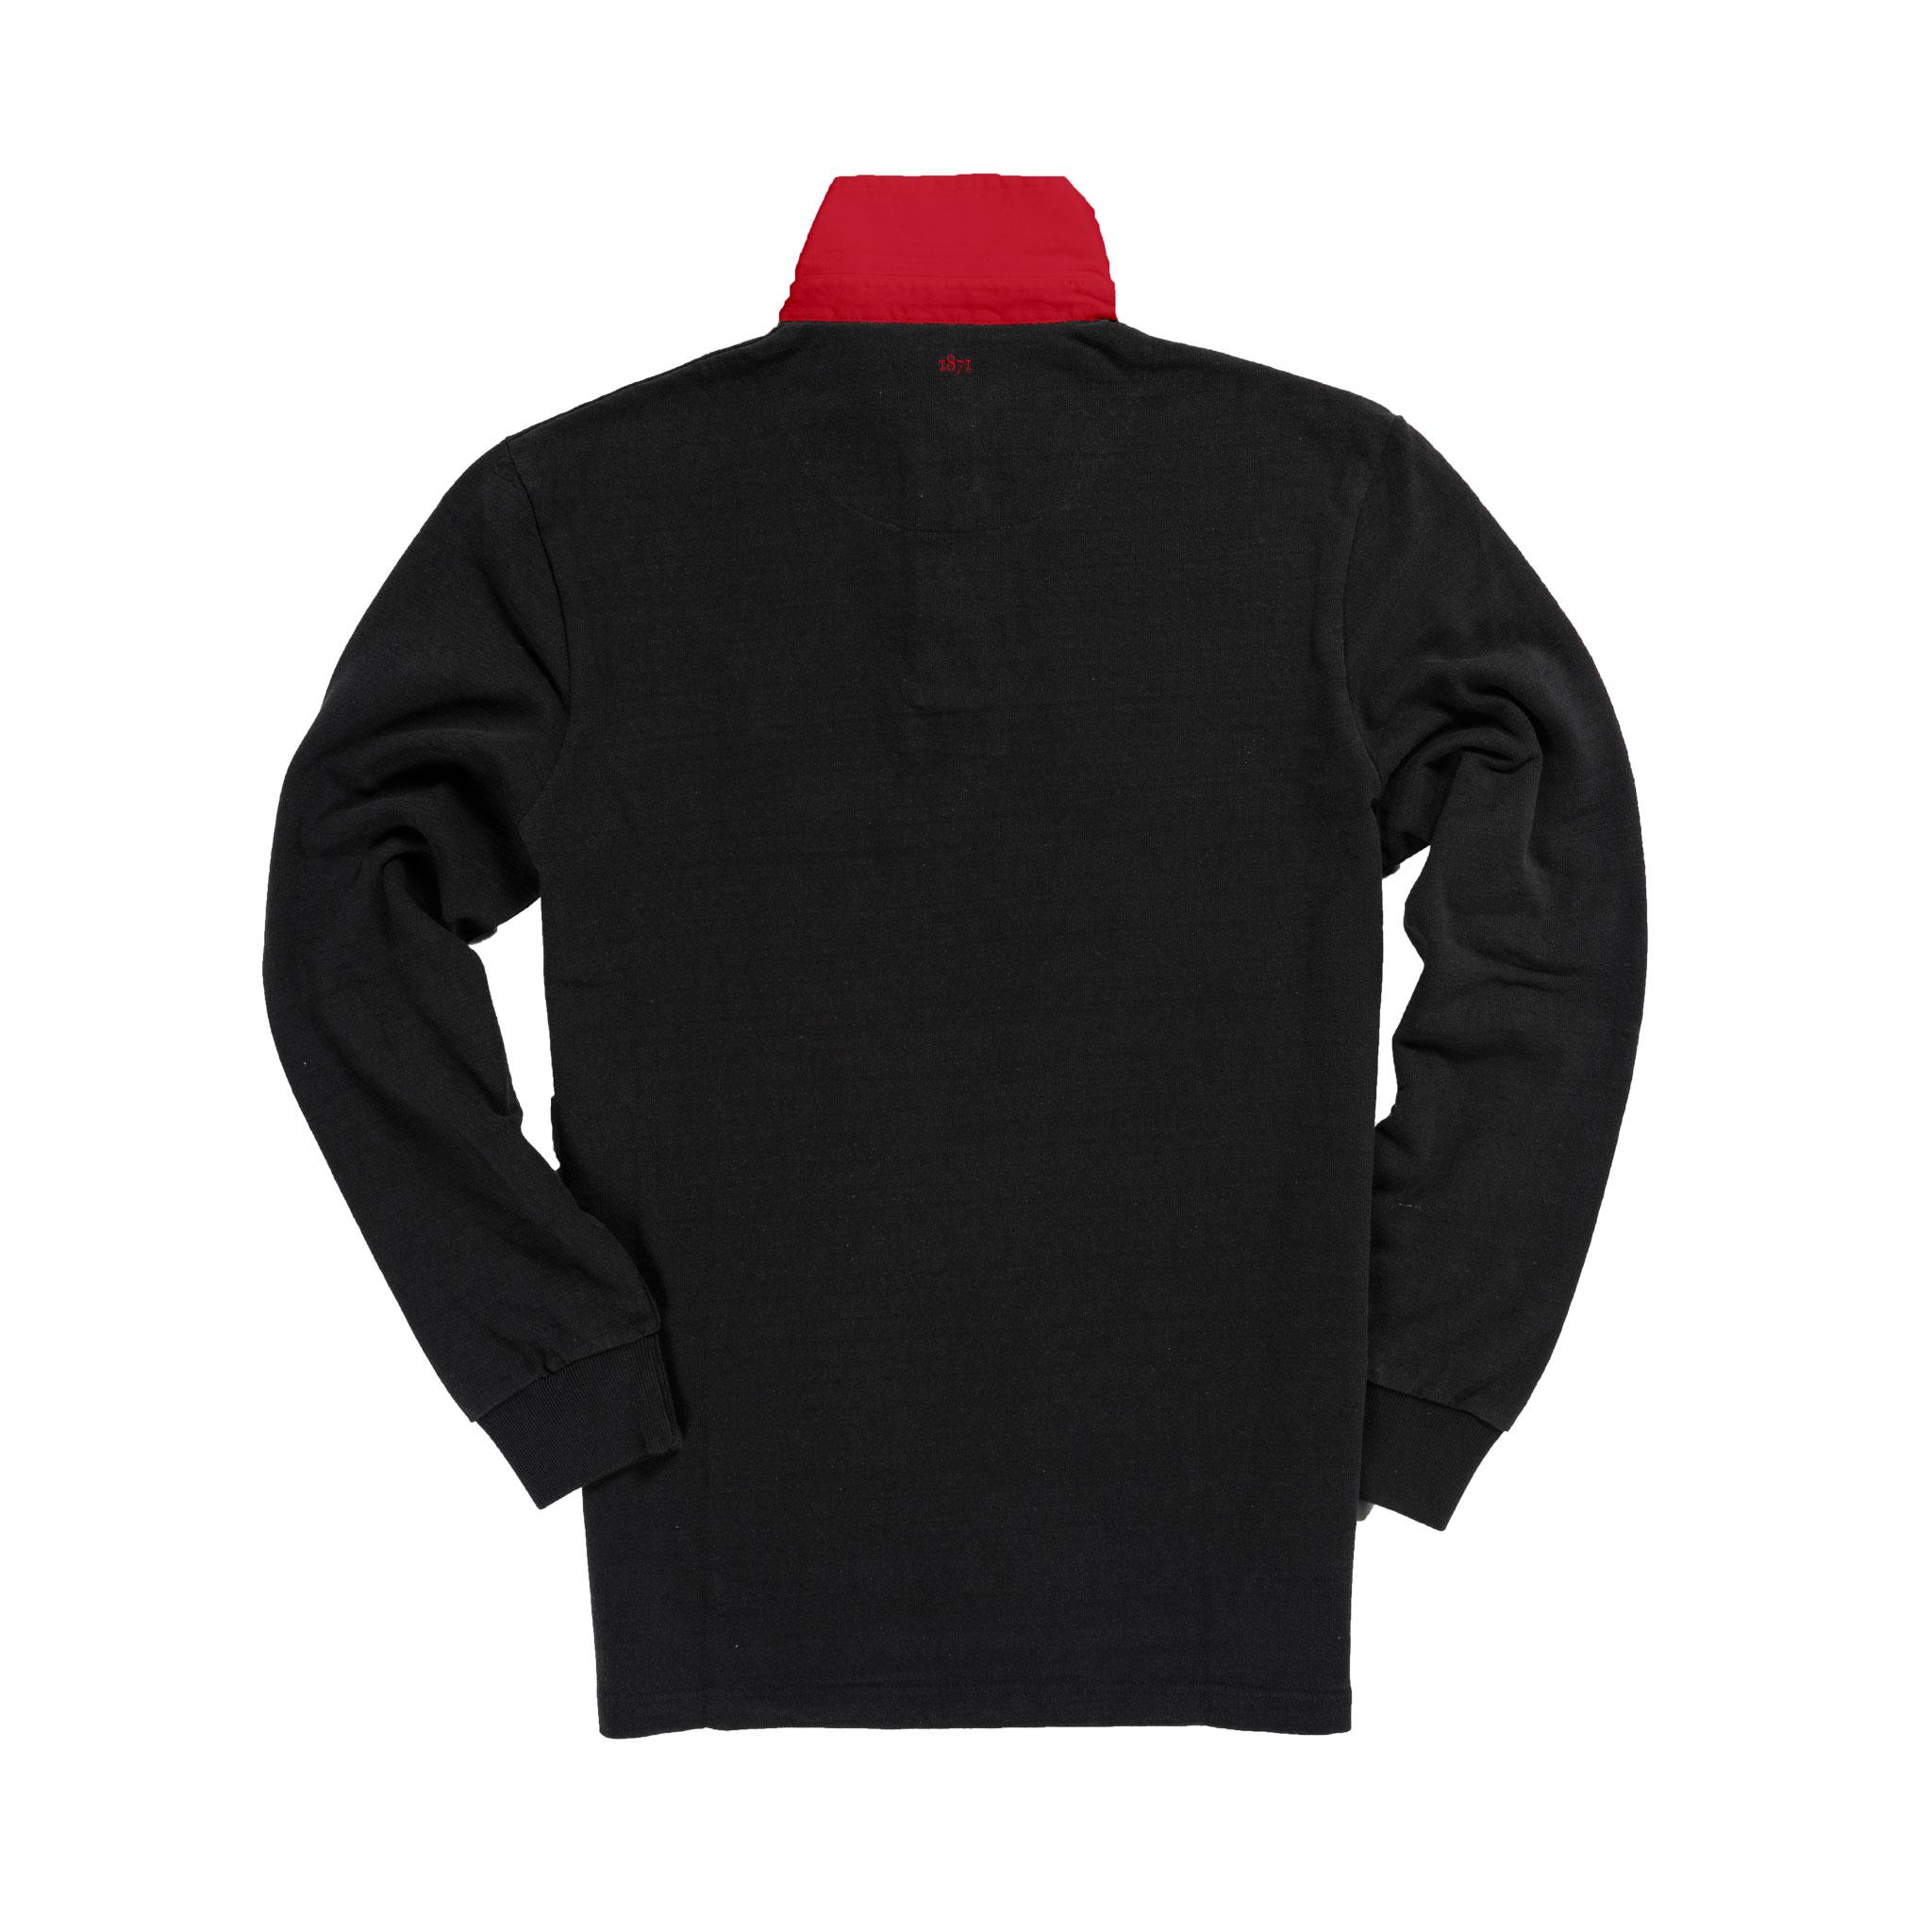 Wales 1881 Black Vintage Rugby Shirt_Back